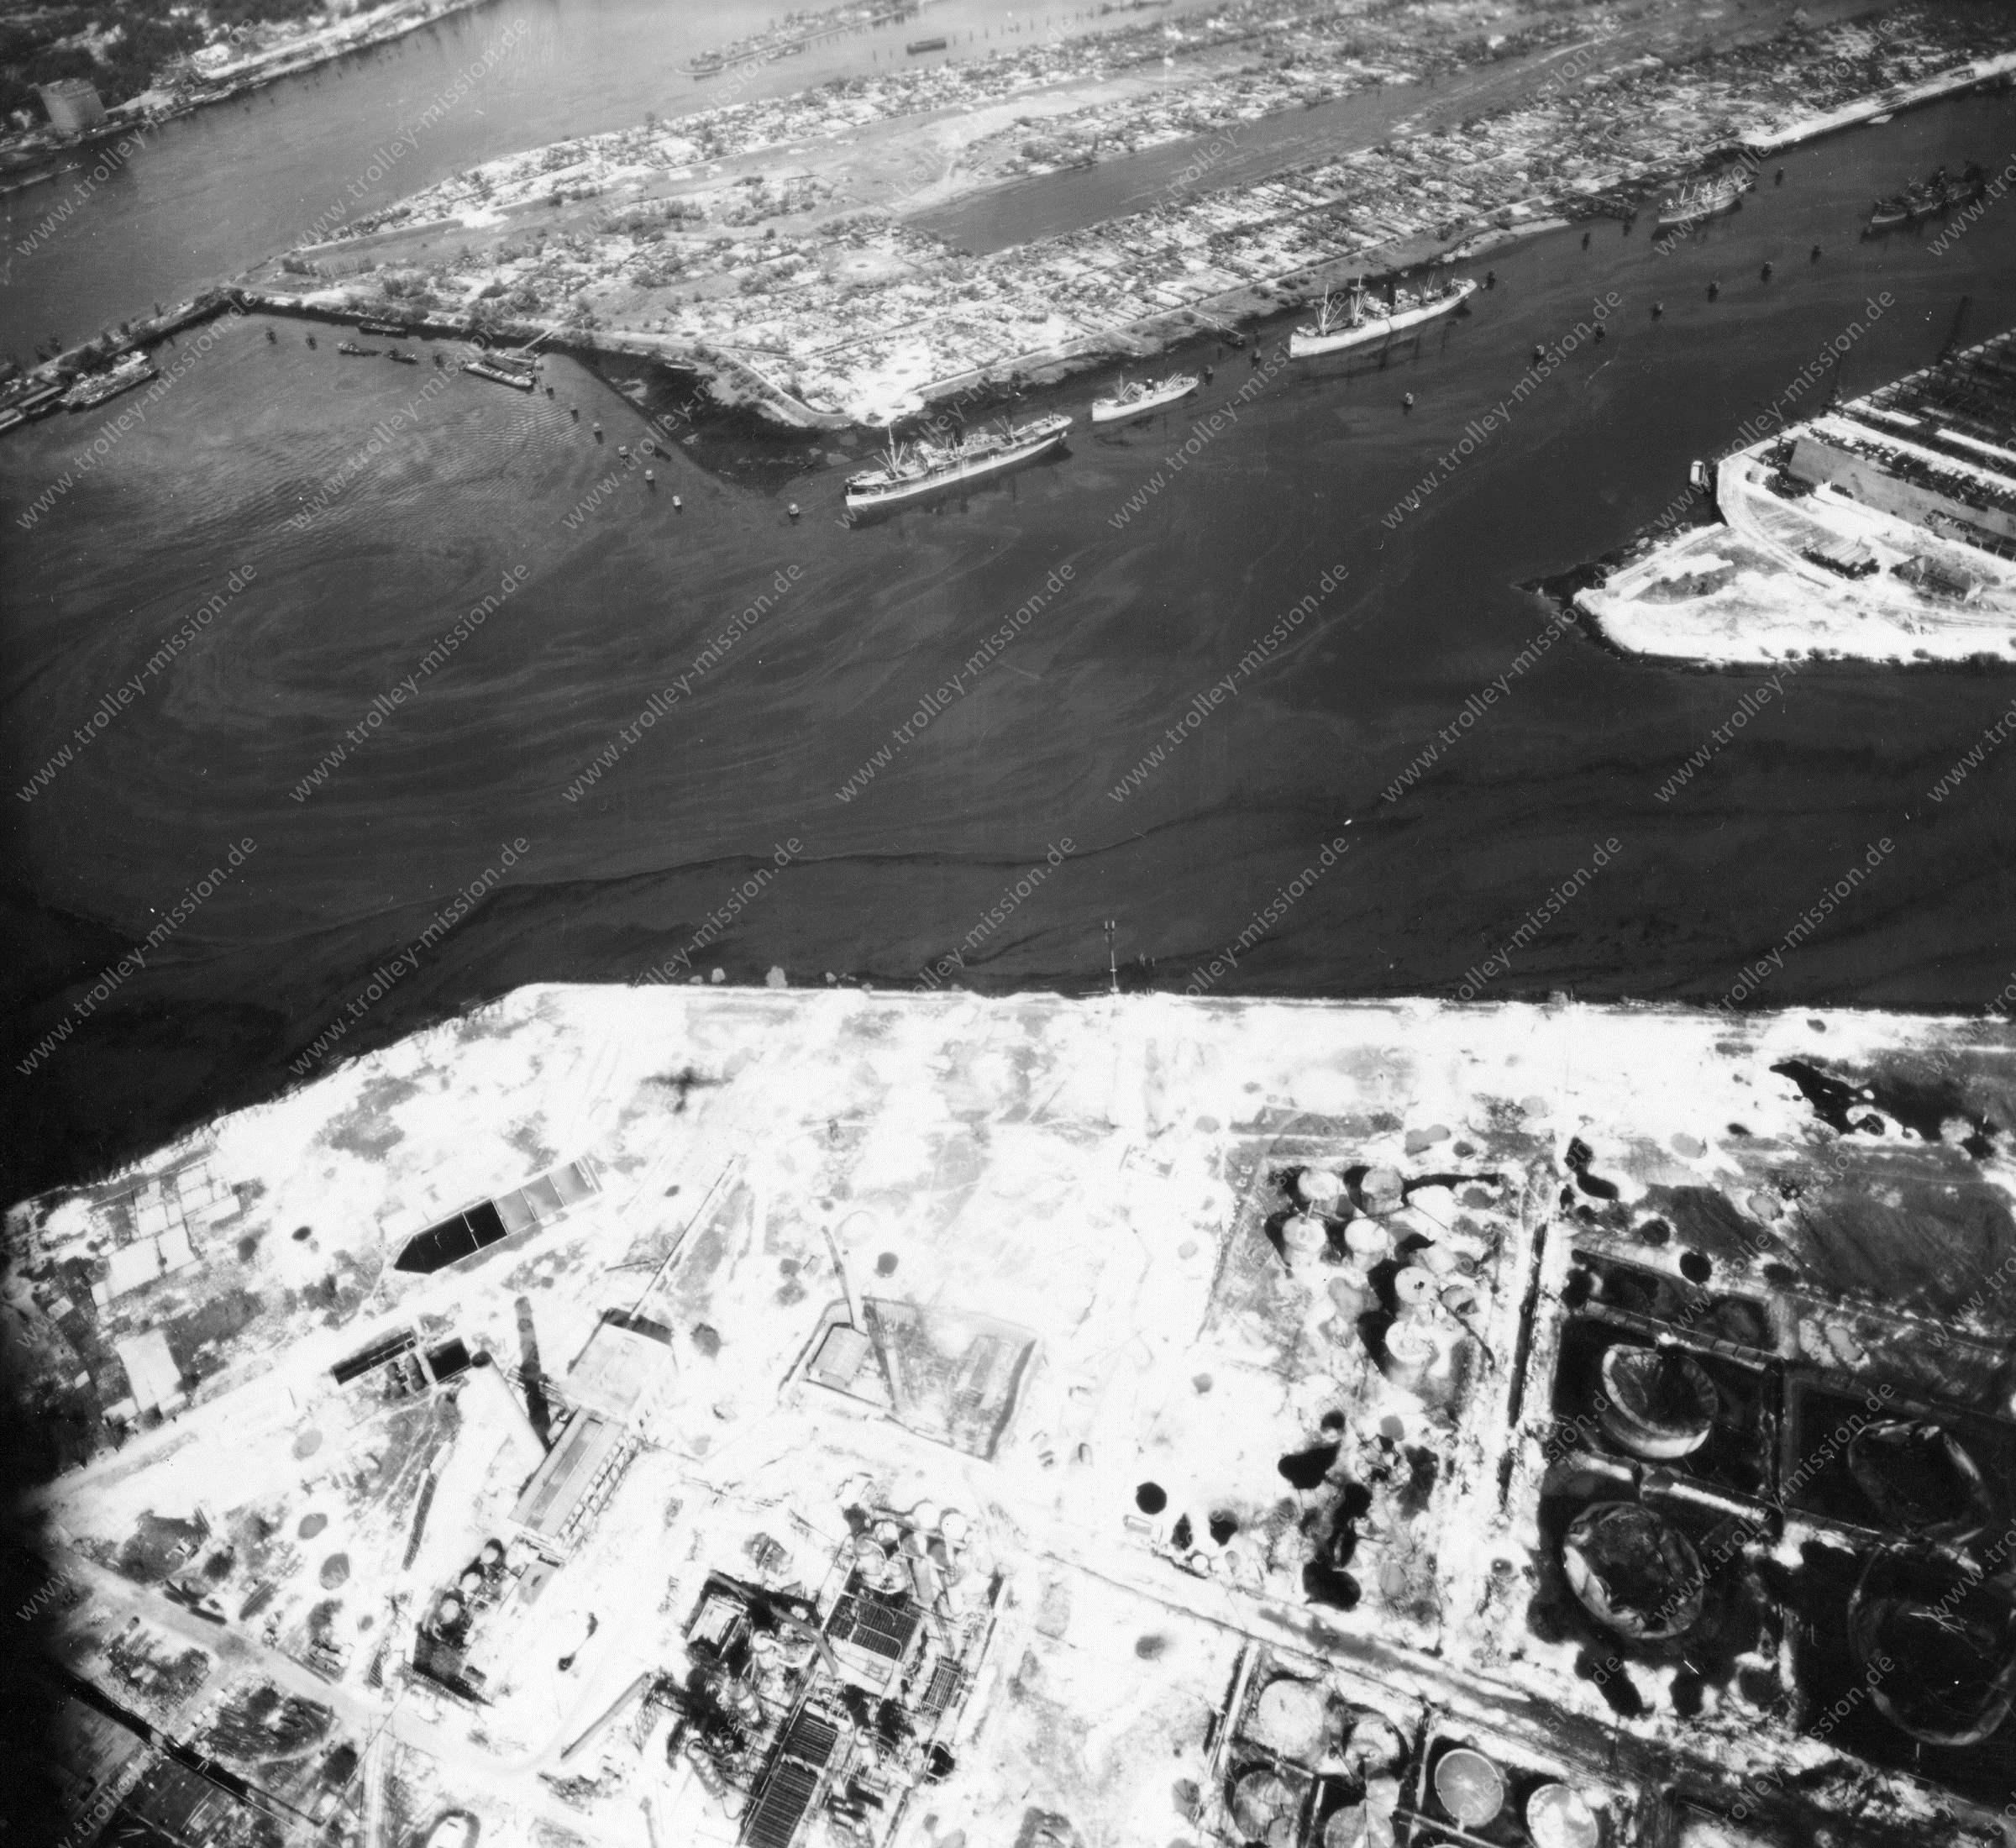 Luftbild von Hamburg und Hafen am 12. Mai 1945 - Luftbildserie 4/19 der US Air Force